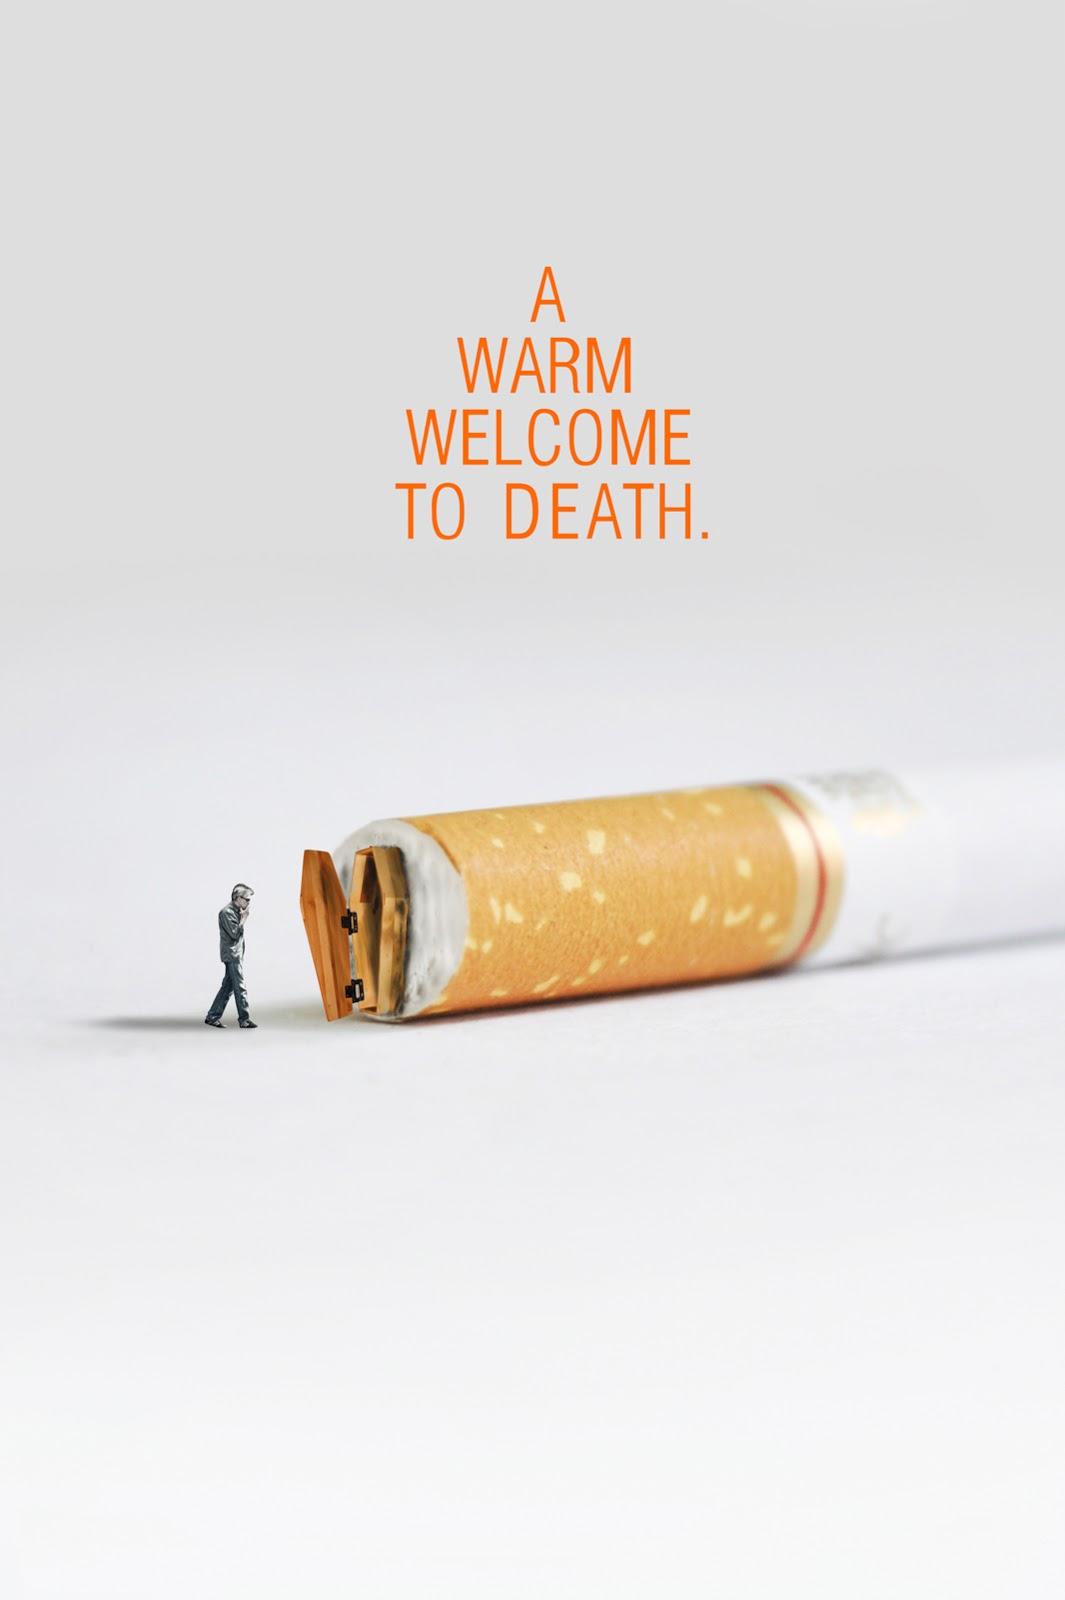 Cara berhenti merokok dengan mudah dan dalam satu bulan